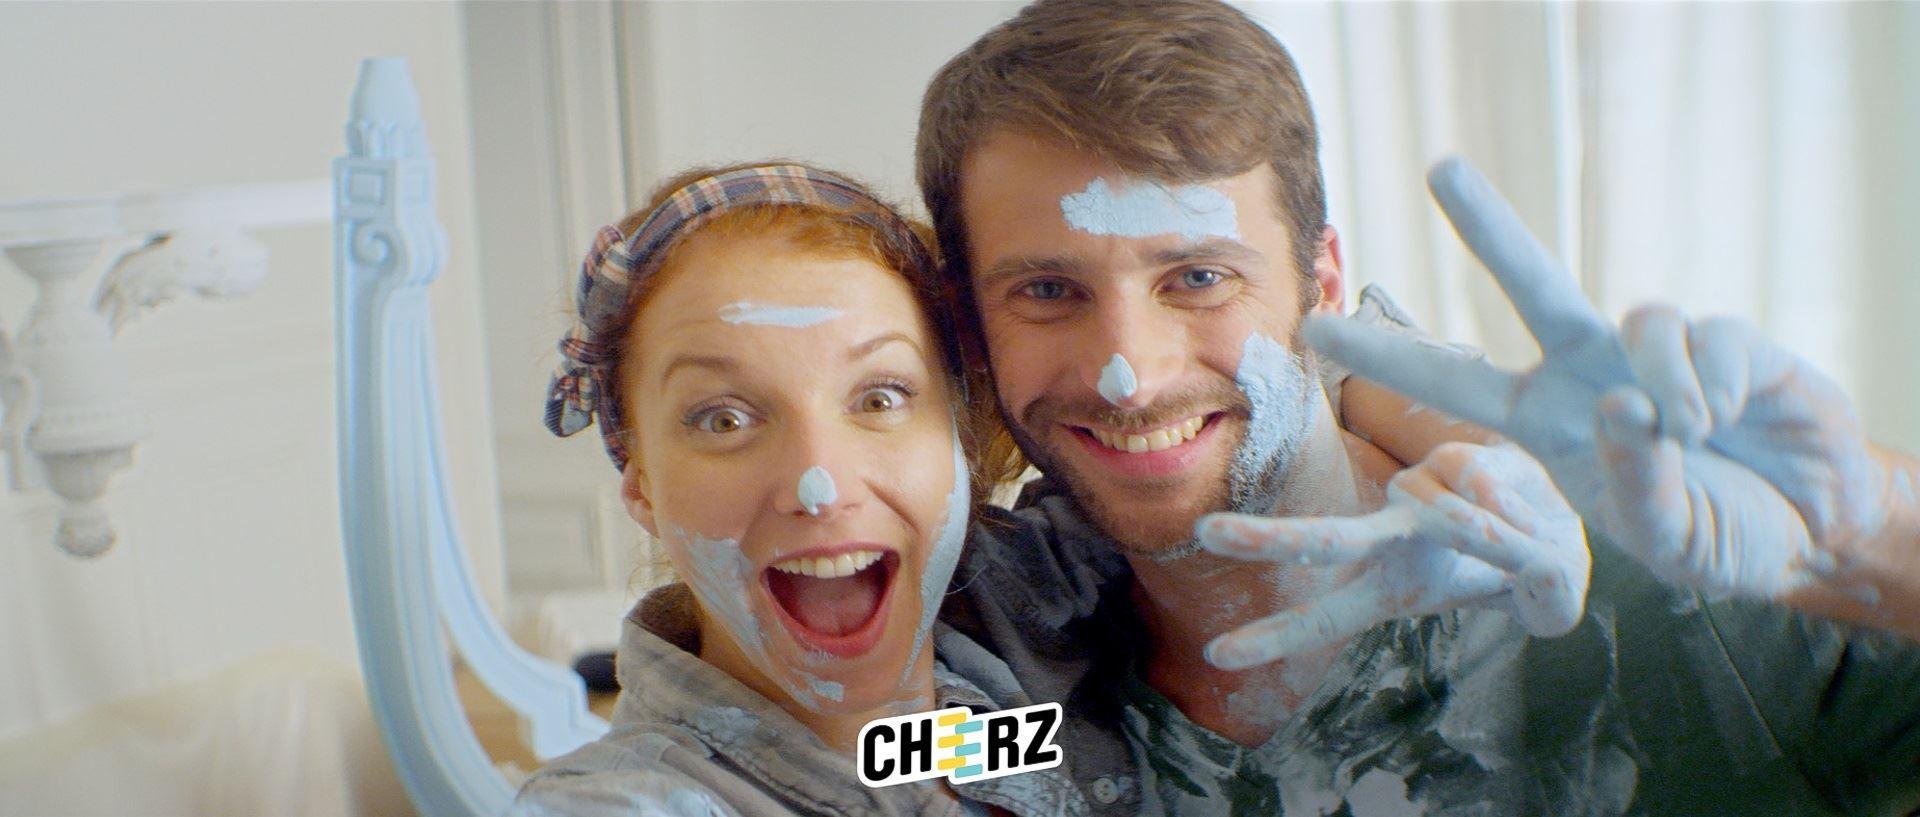 CHEERZ Hors-ECRAN-Agence-conseil-production-publicité-realisation-of-video-paris